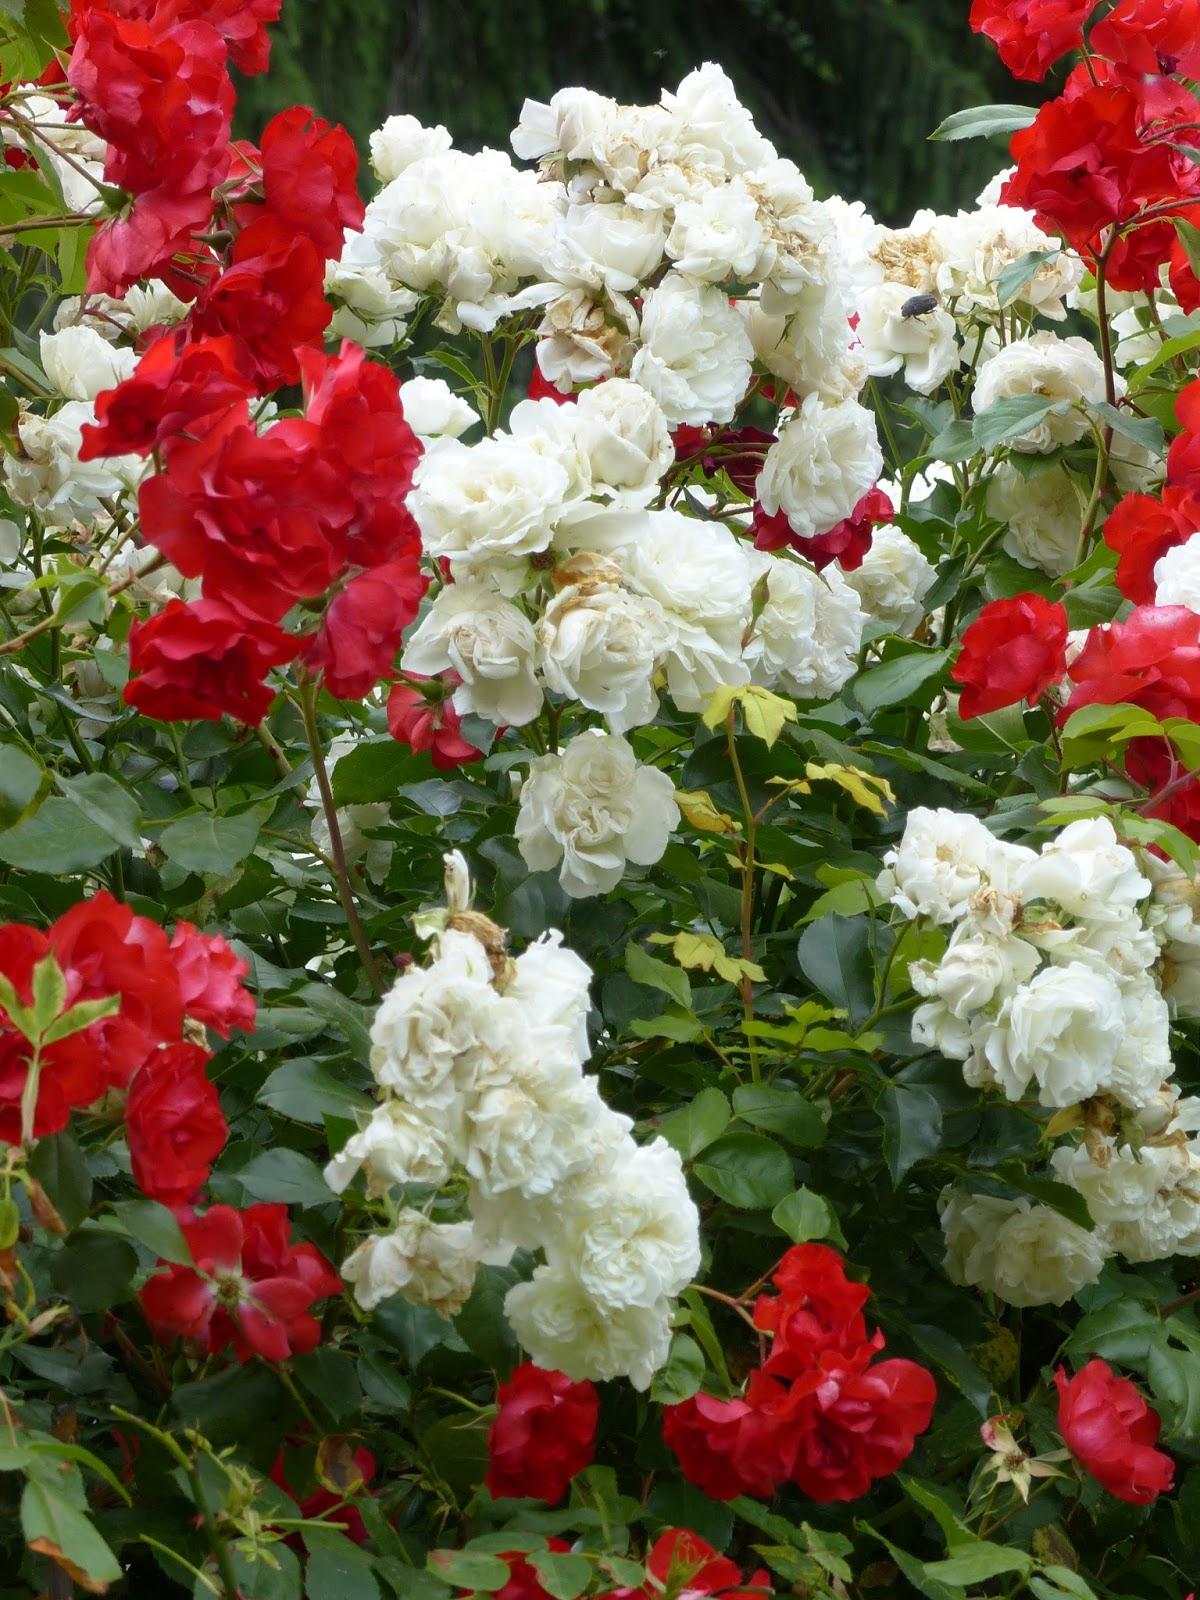 Il fait bon se promener dans les parcs et jardins environnants aux  multiples fleurs, les rues piétonnes bordées de balcons fleuris, sous les  arcades ... 2d5e02b1daa5